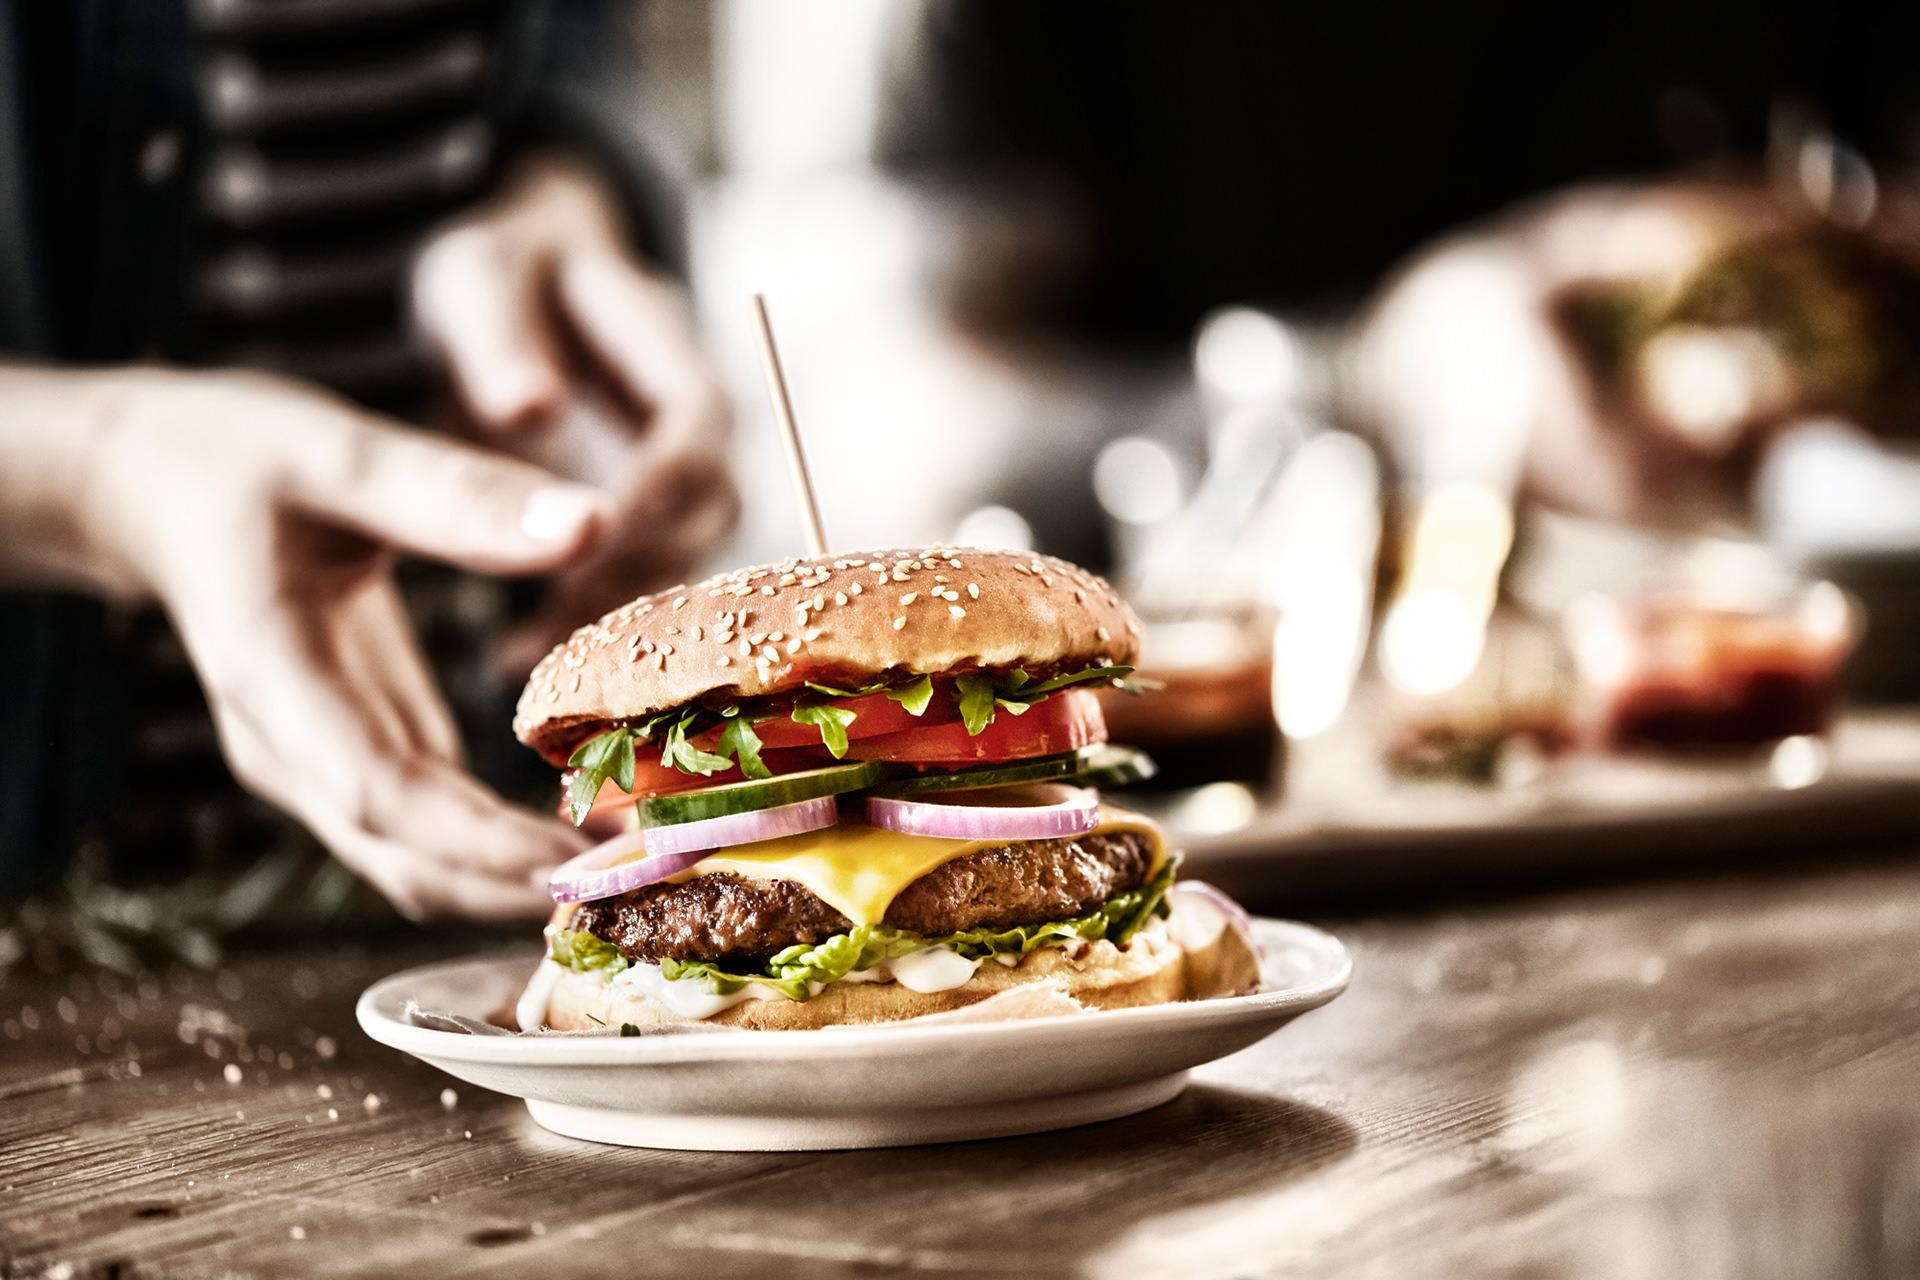 burger-teller-hand-butchers